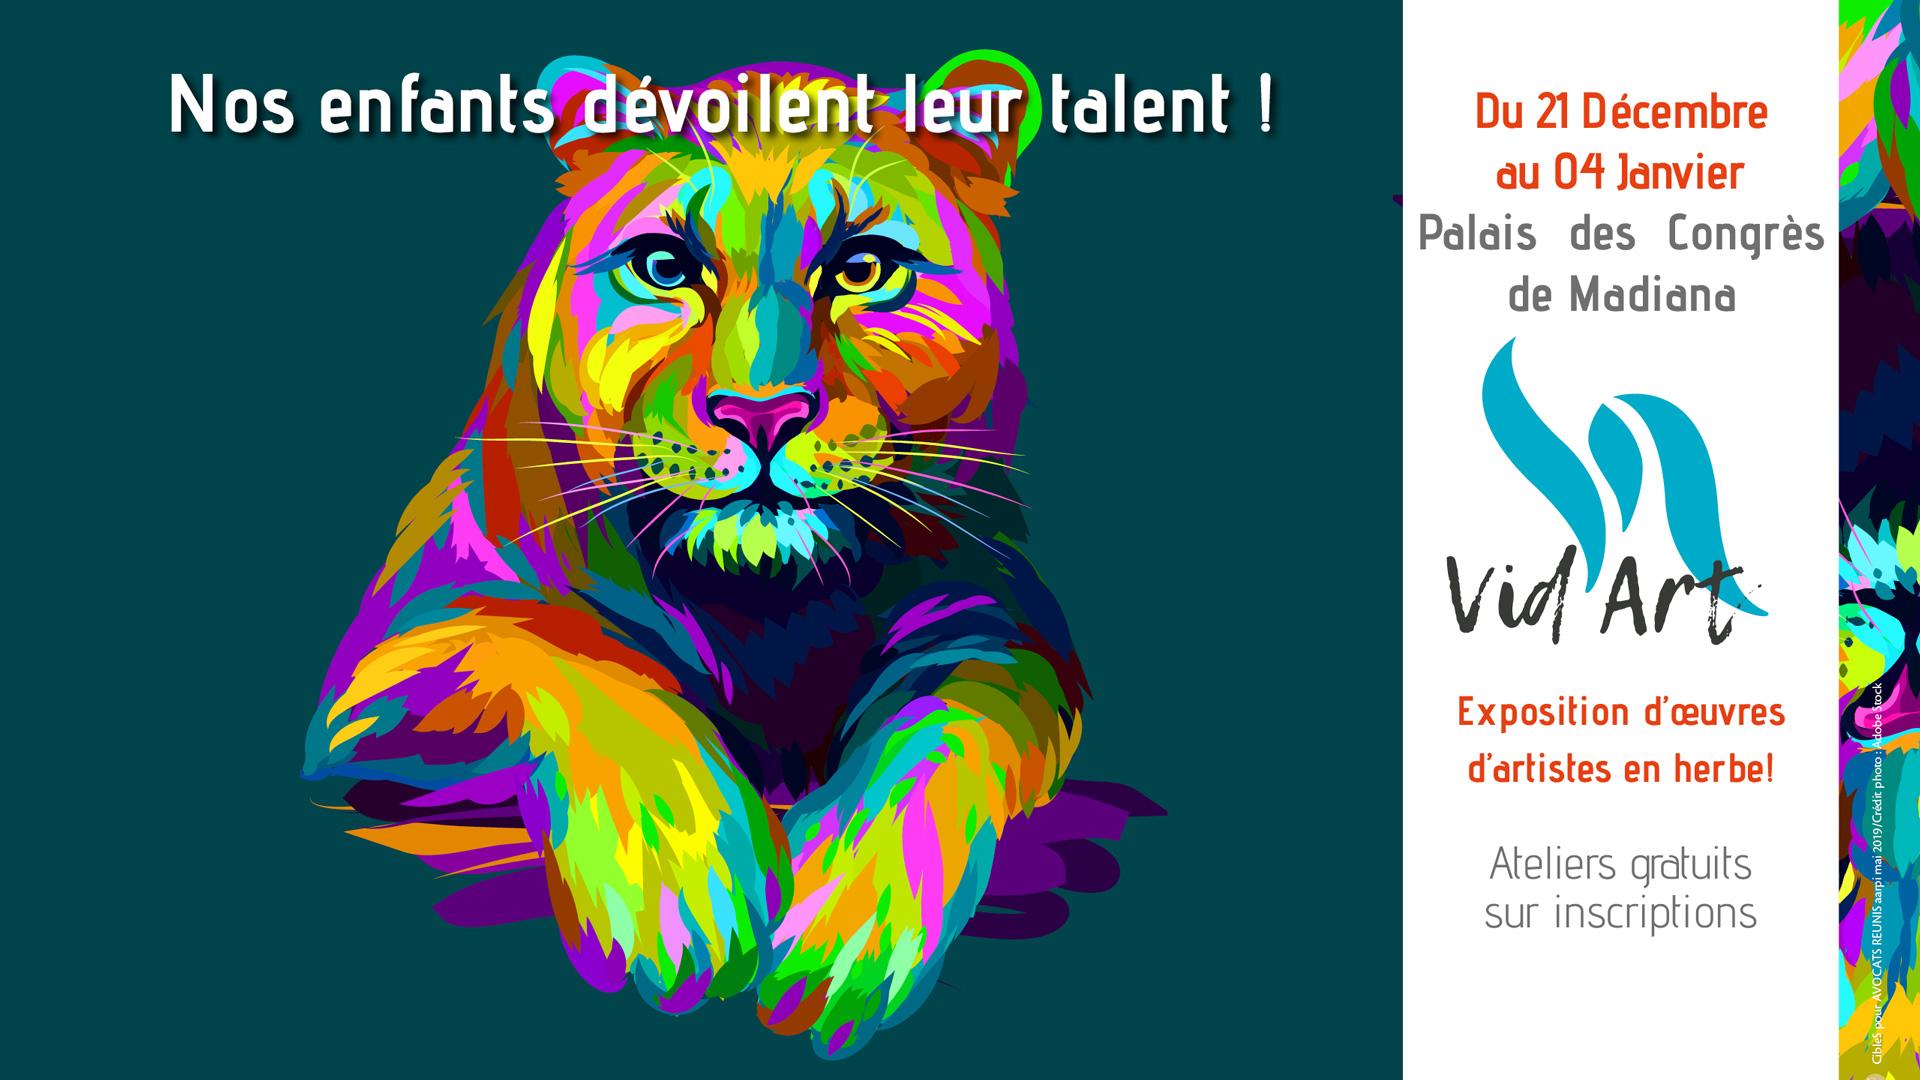 Nos enfants ont du talent !, Les Avocats Réunis